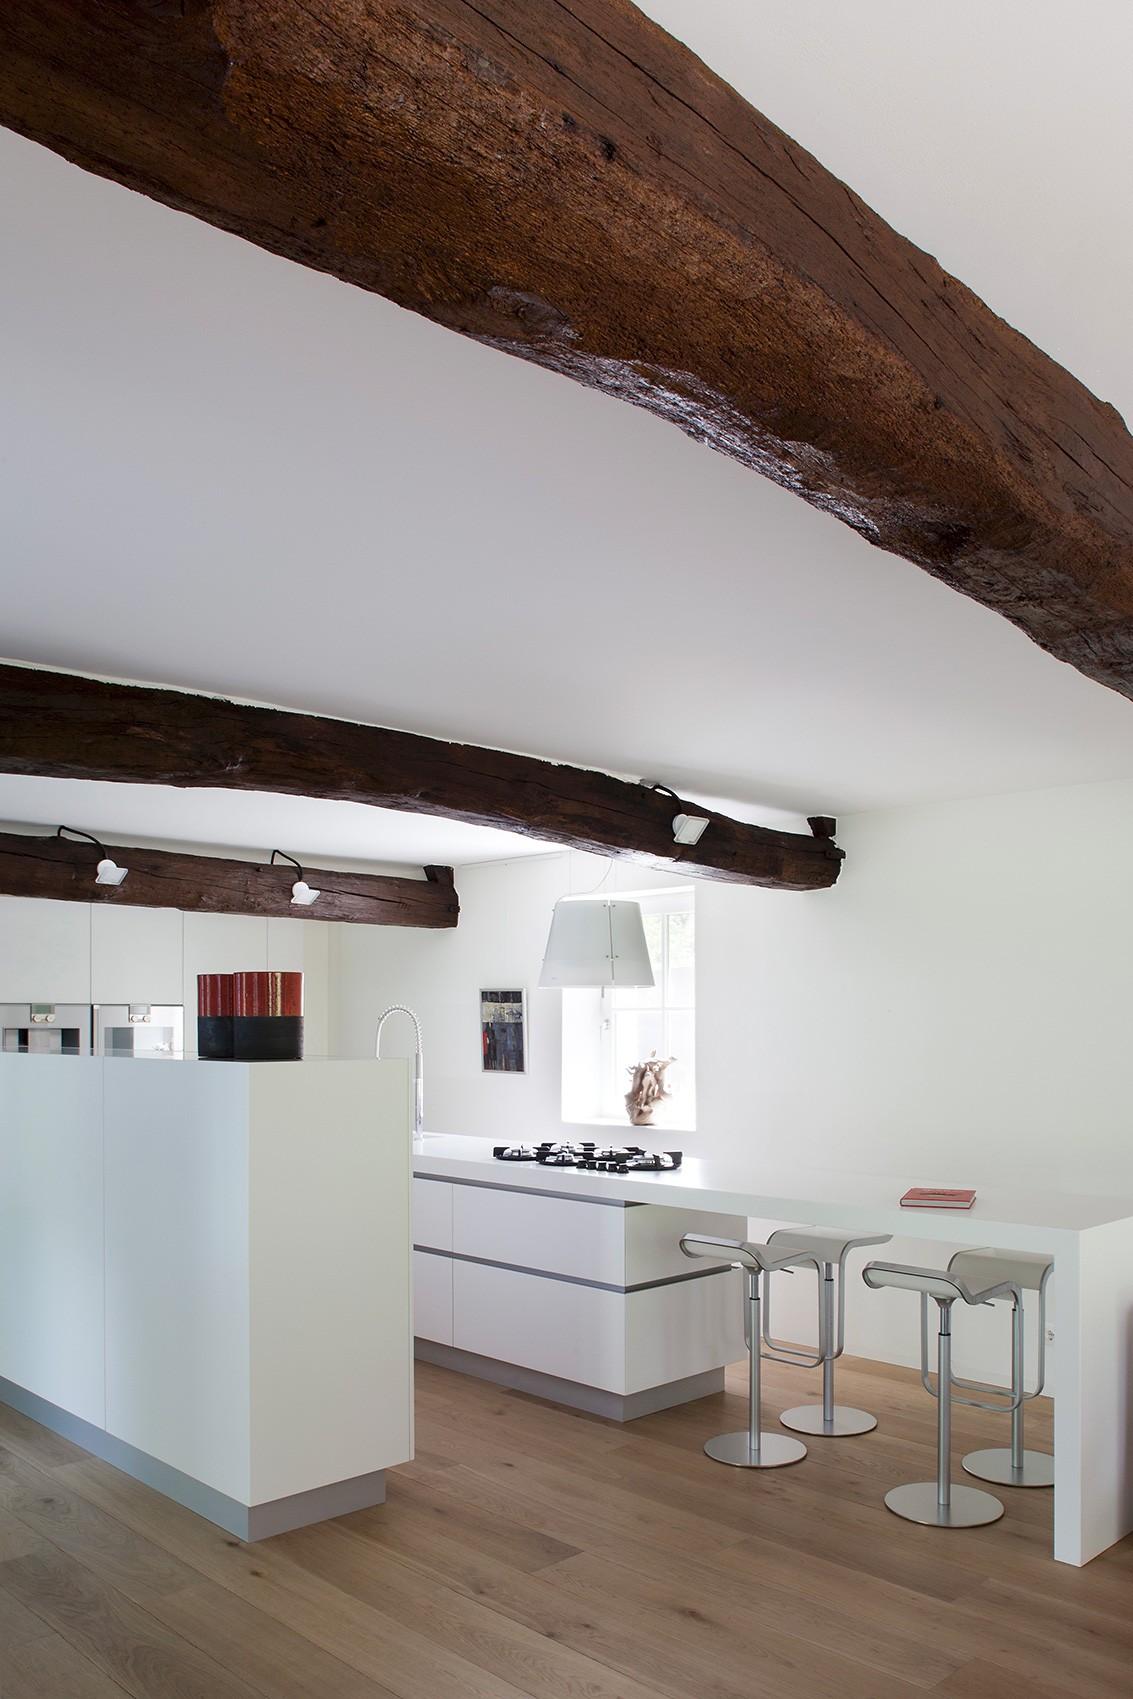 Helle Kuche Bild 8 Schoner Wohnen Haus Renovieren